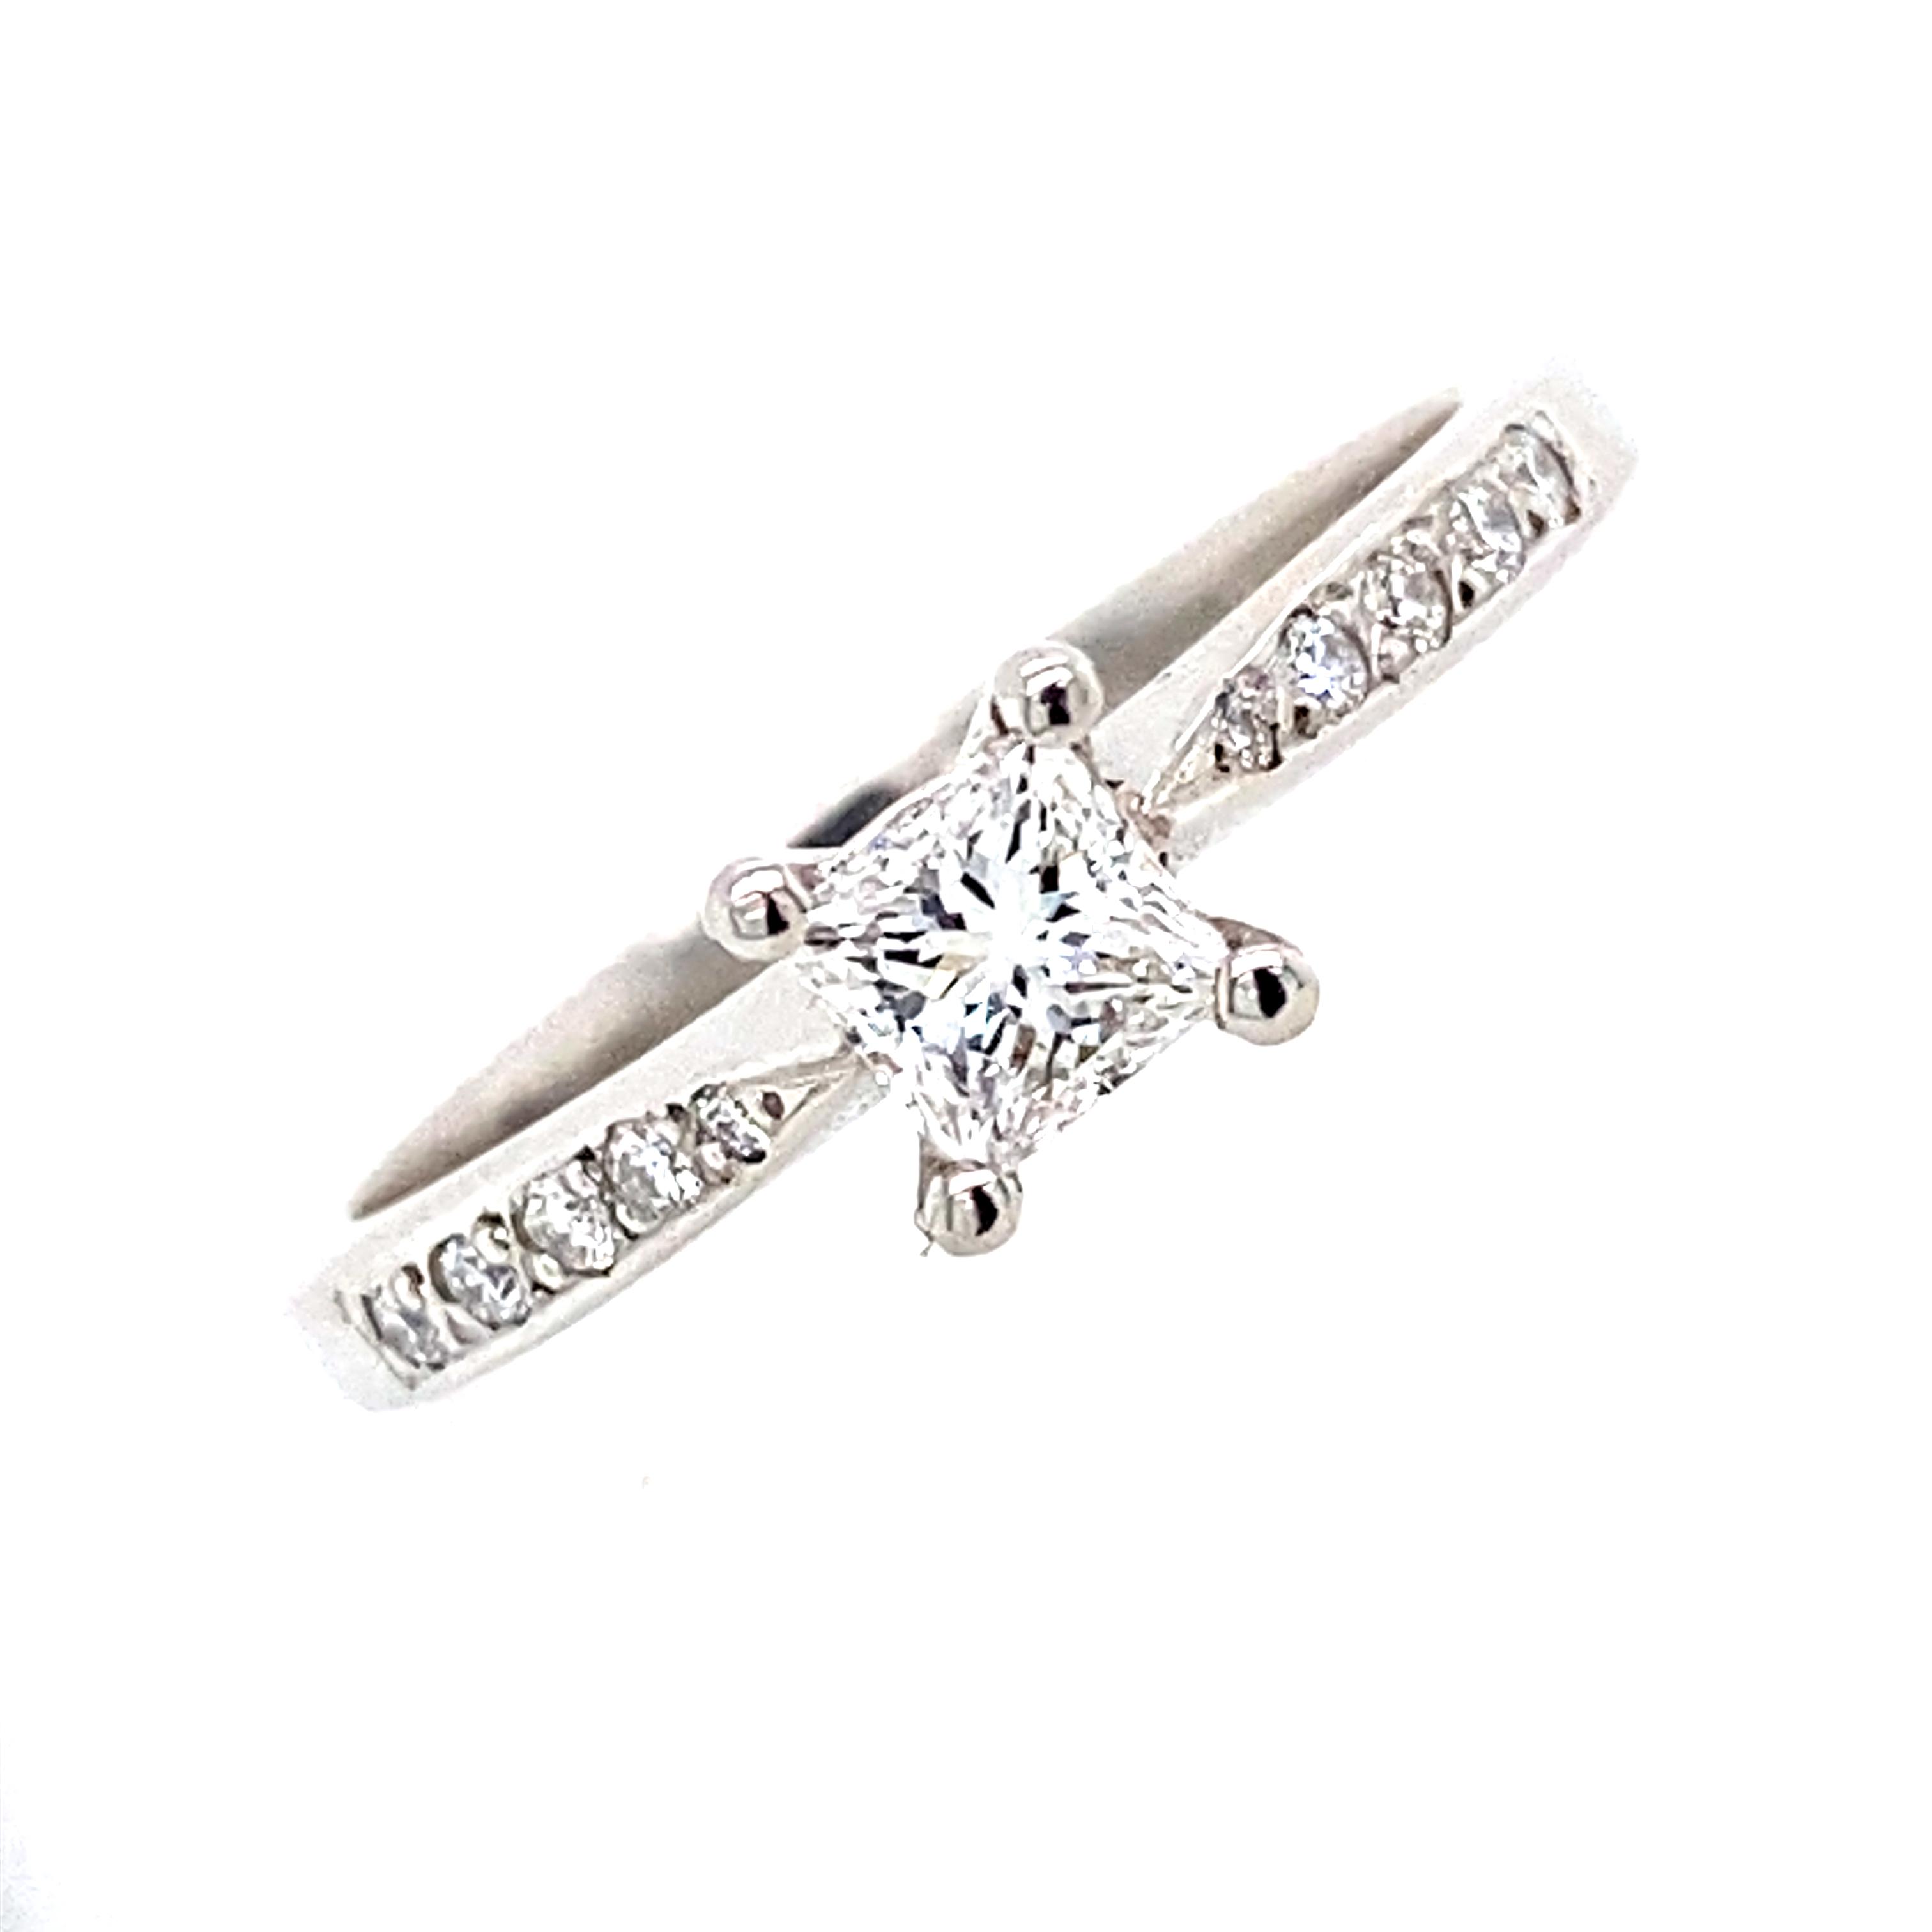 Doris Platinum Princess Cut Diamond Ring 0 31ct E Vs1